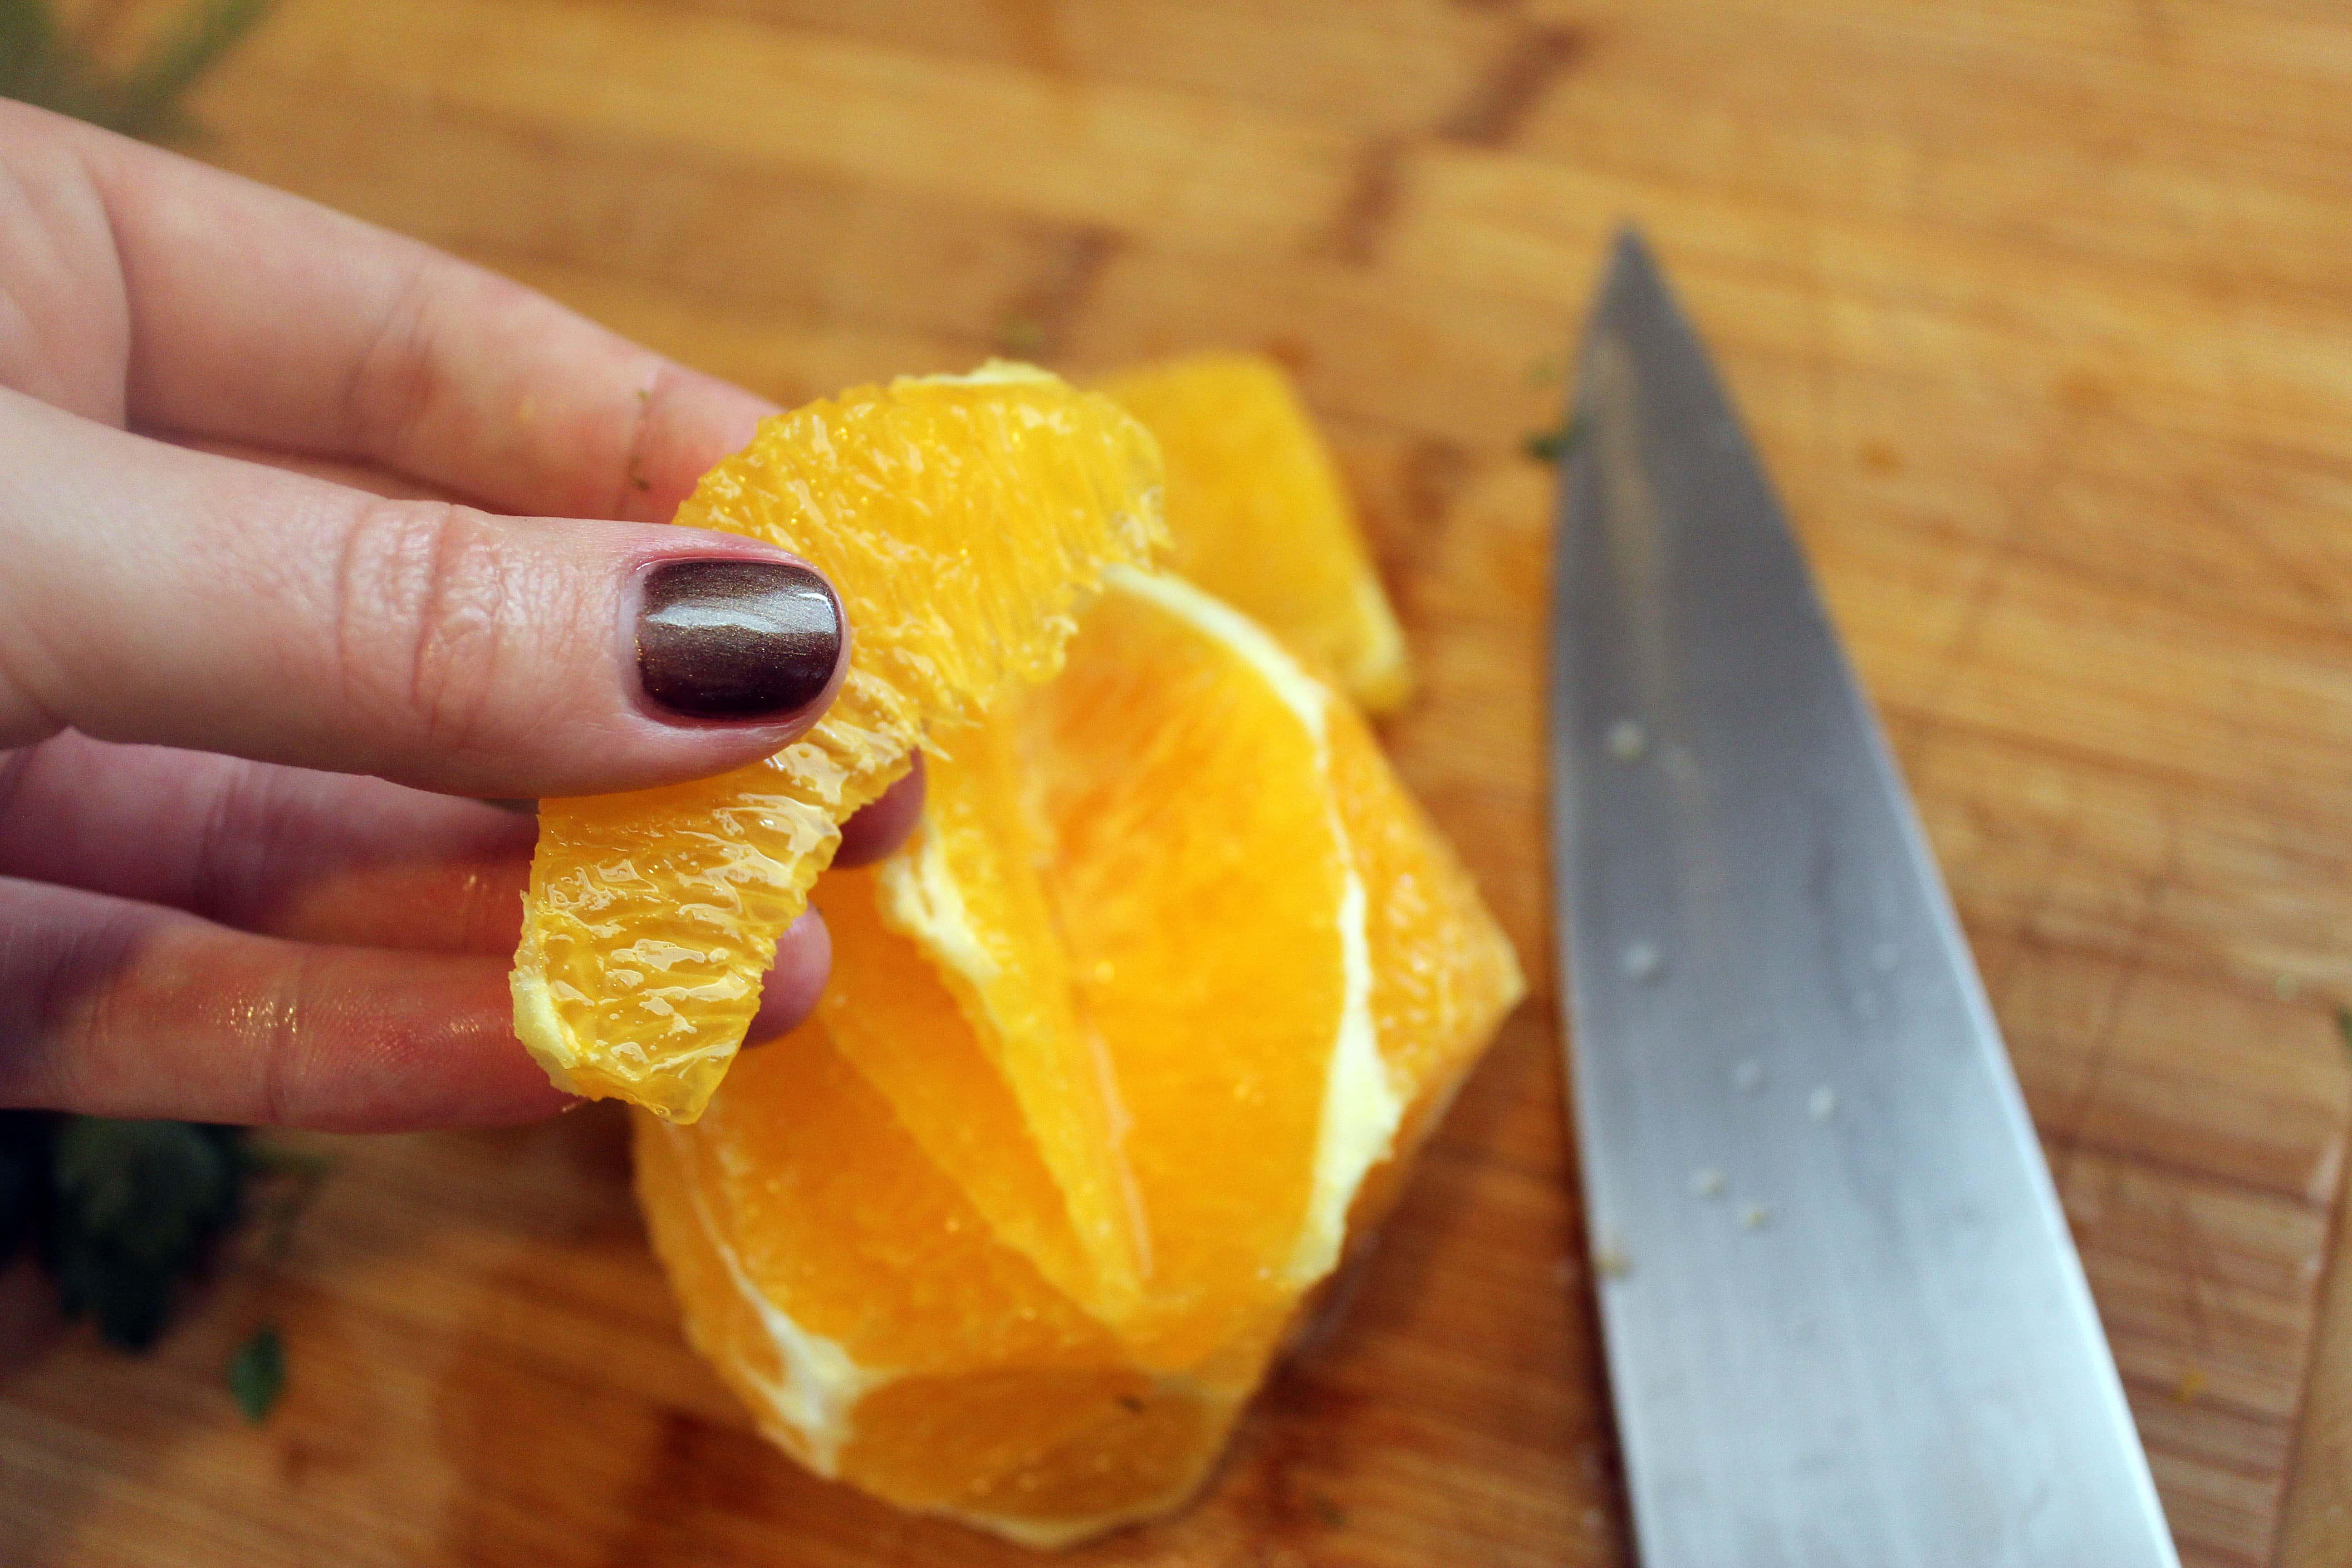 Segment of orange